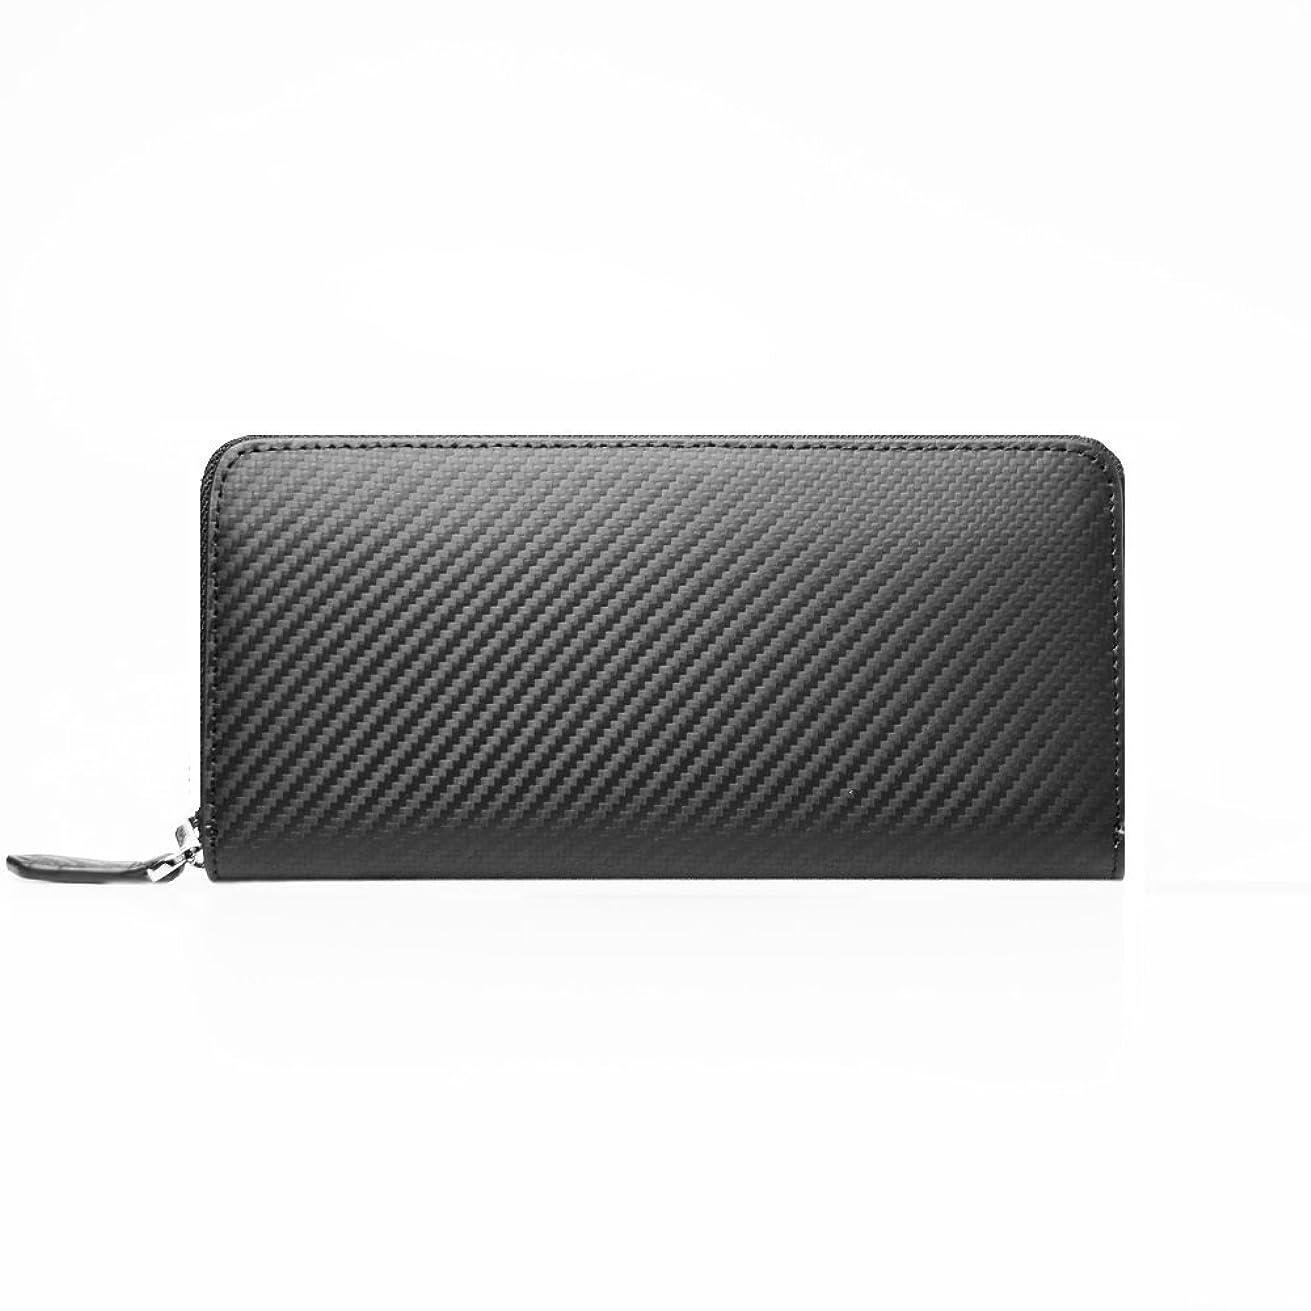 平和的ボイコットジーンズLANZA (ランザ) 長財布 カーボンレザー [ ブラック ] スマート ラウンド 財布 イタリア製